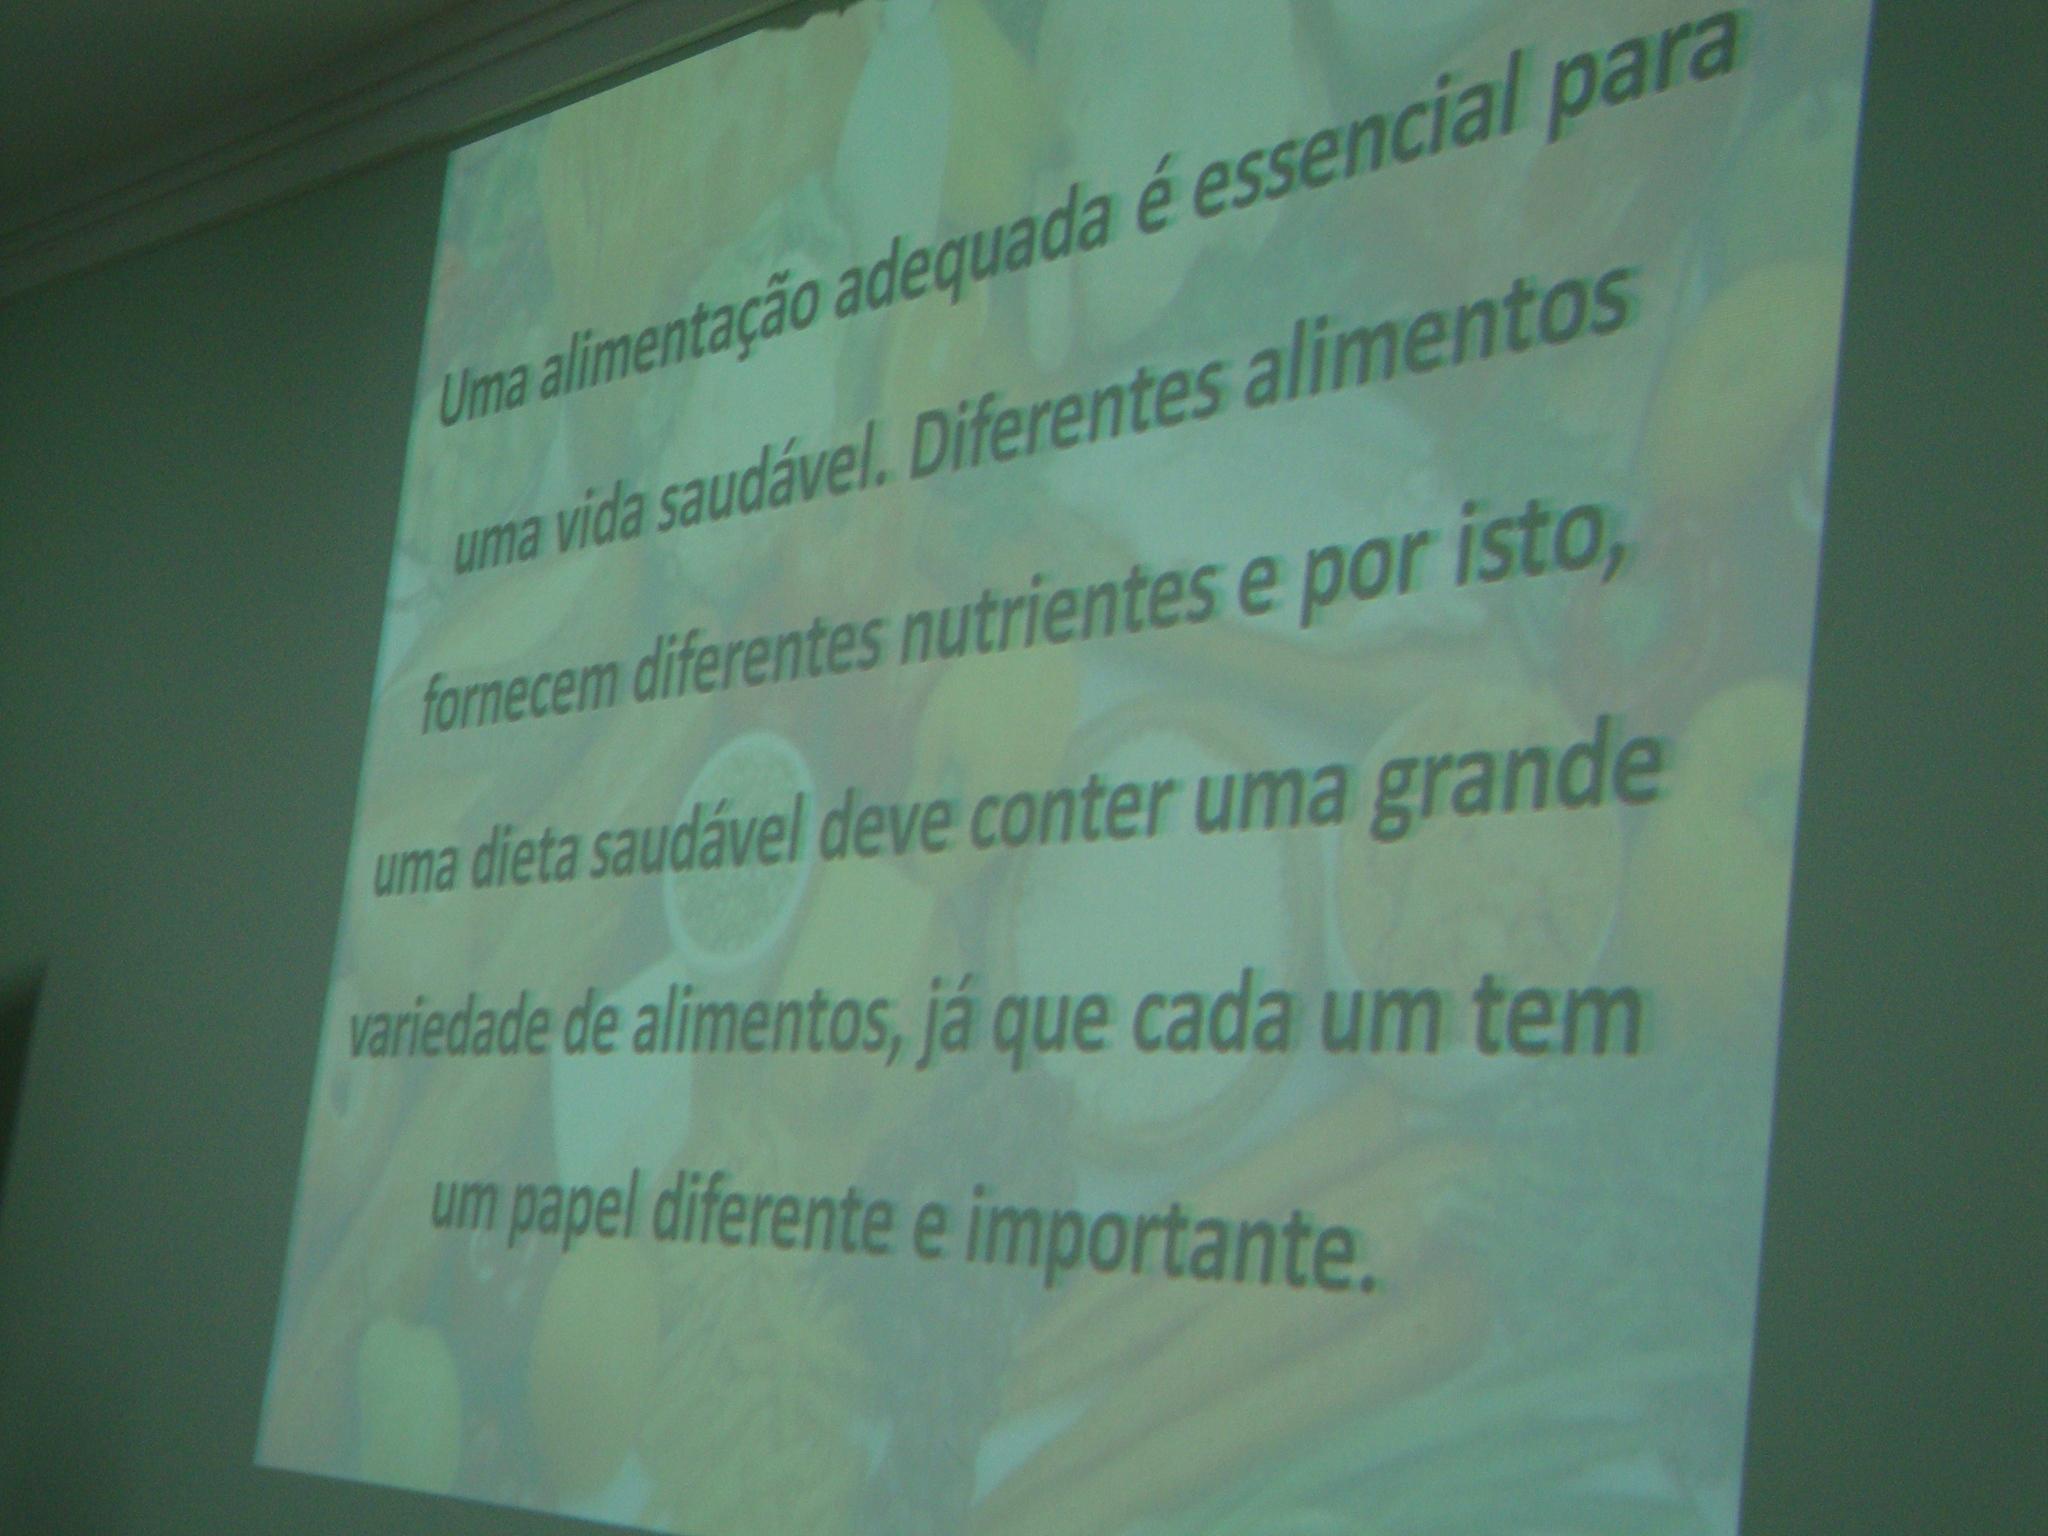 PALESTRA - ALIMENTAÇÃO - 23/09/14